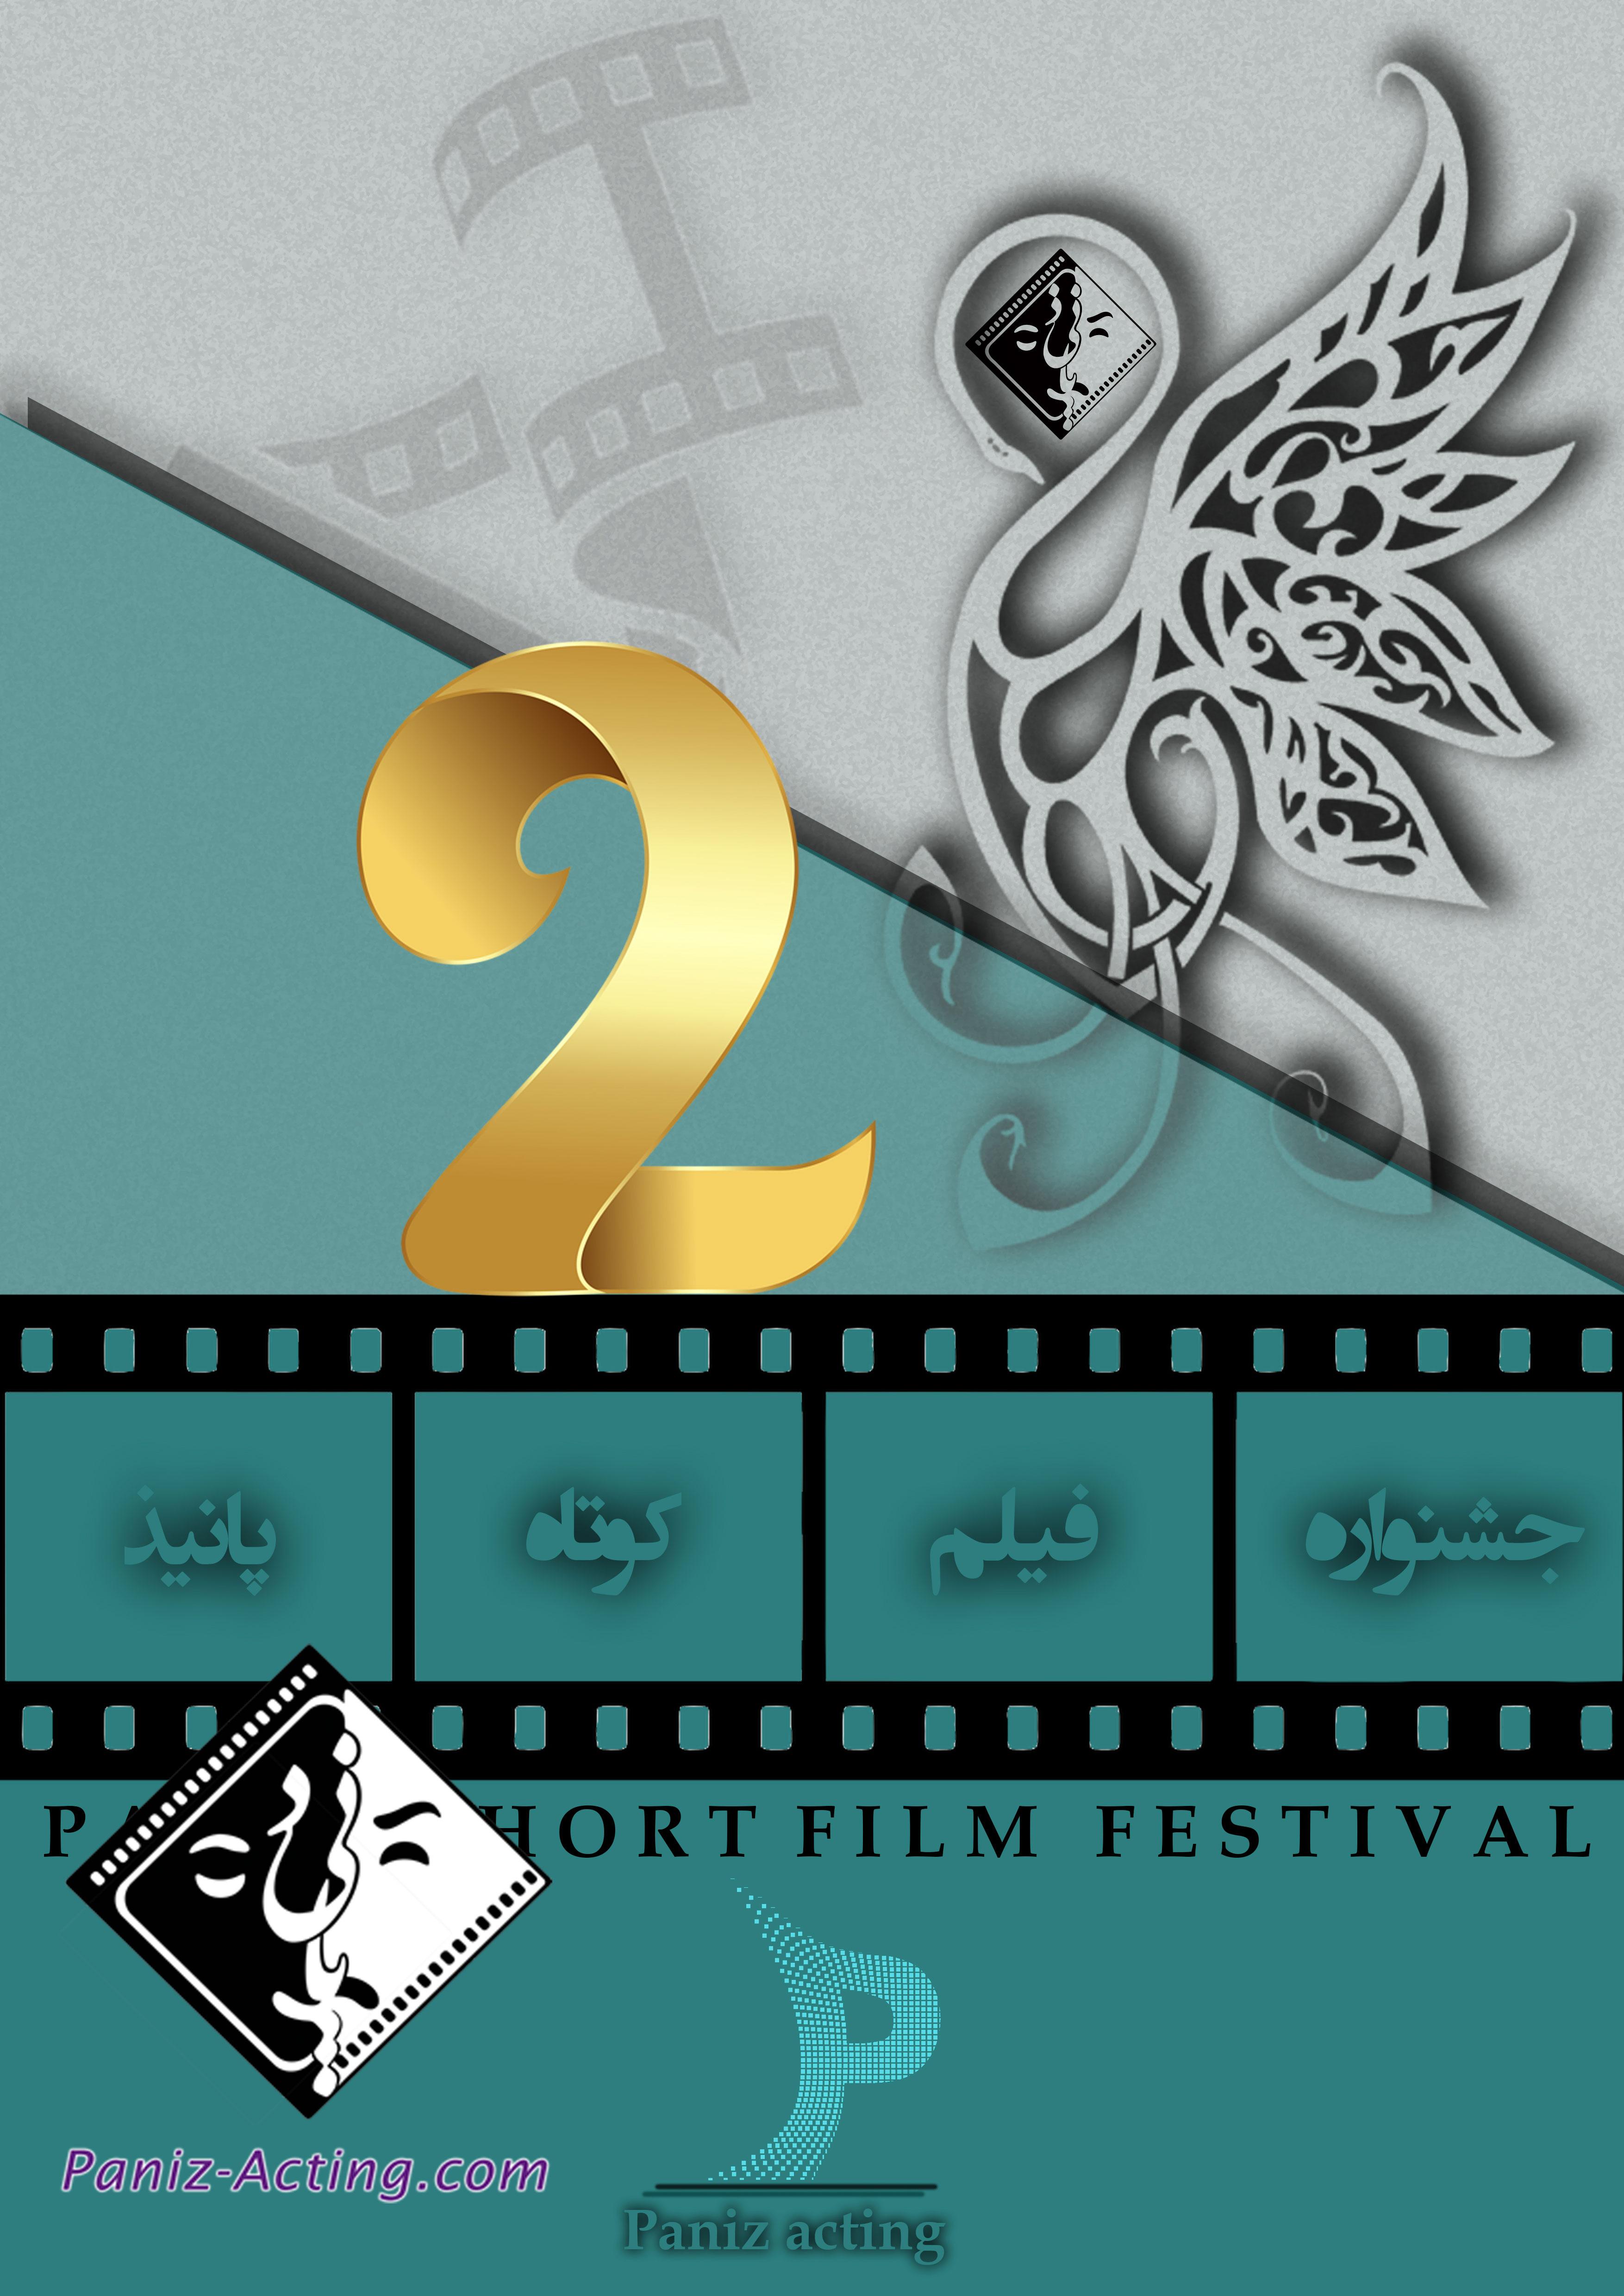 دومین جشنواره فیلمسازی آموزشگاه بازیگری کودک و نوجوان پانیذ